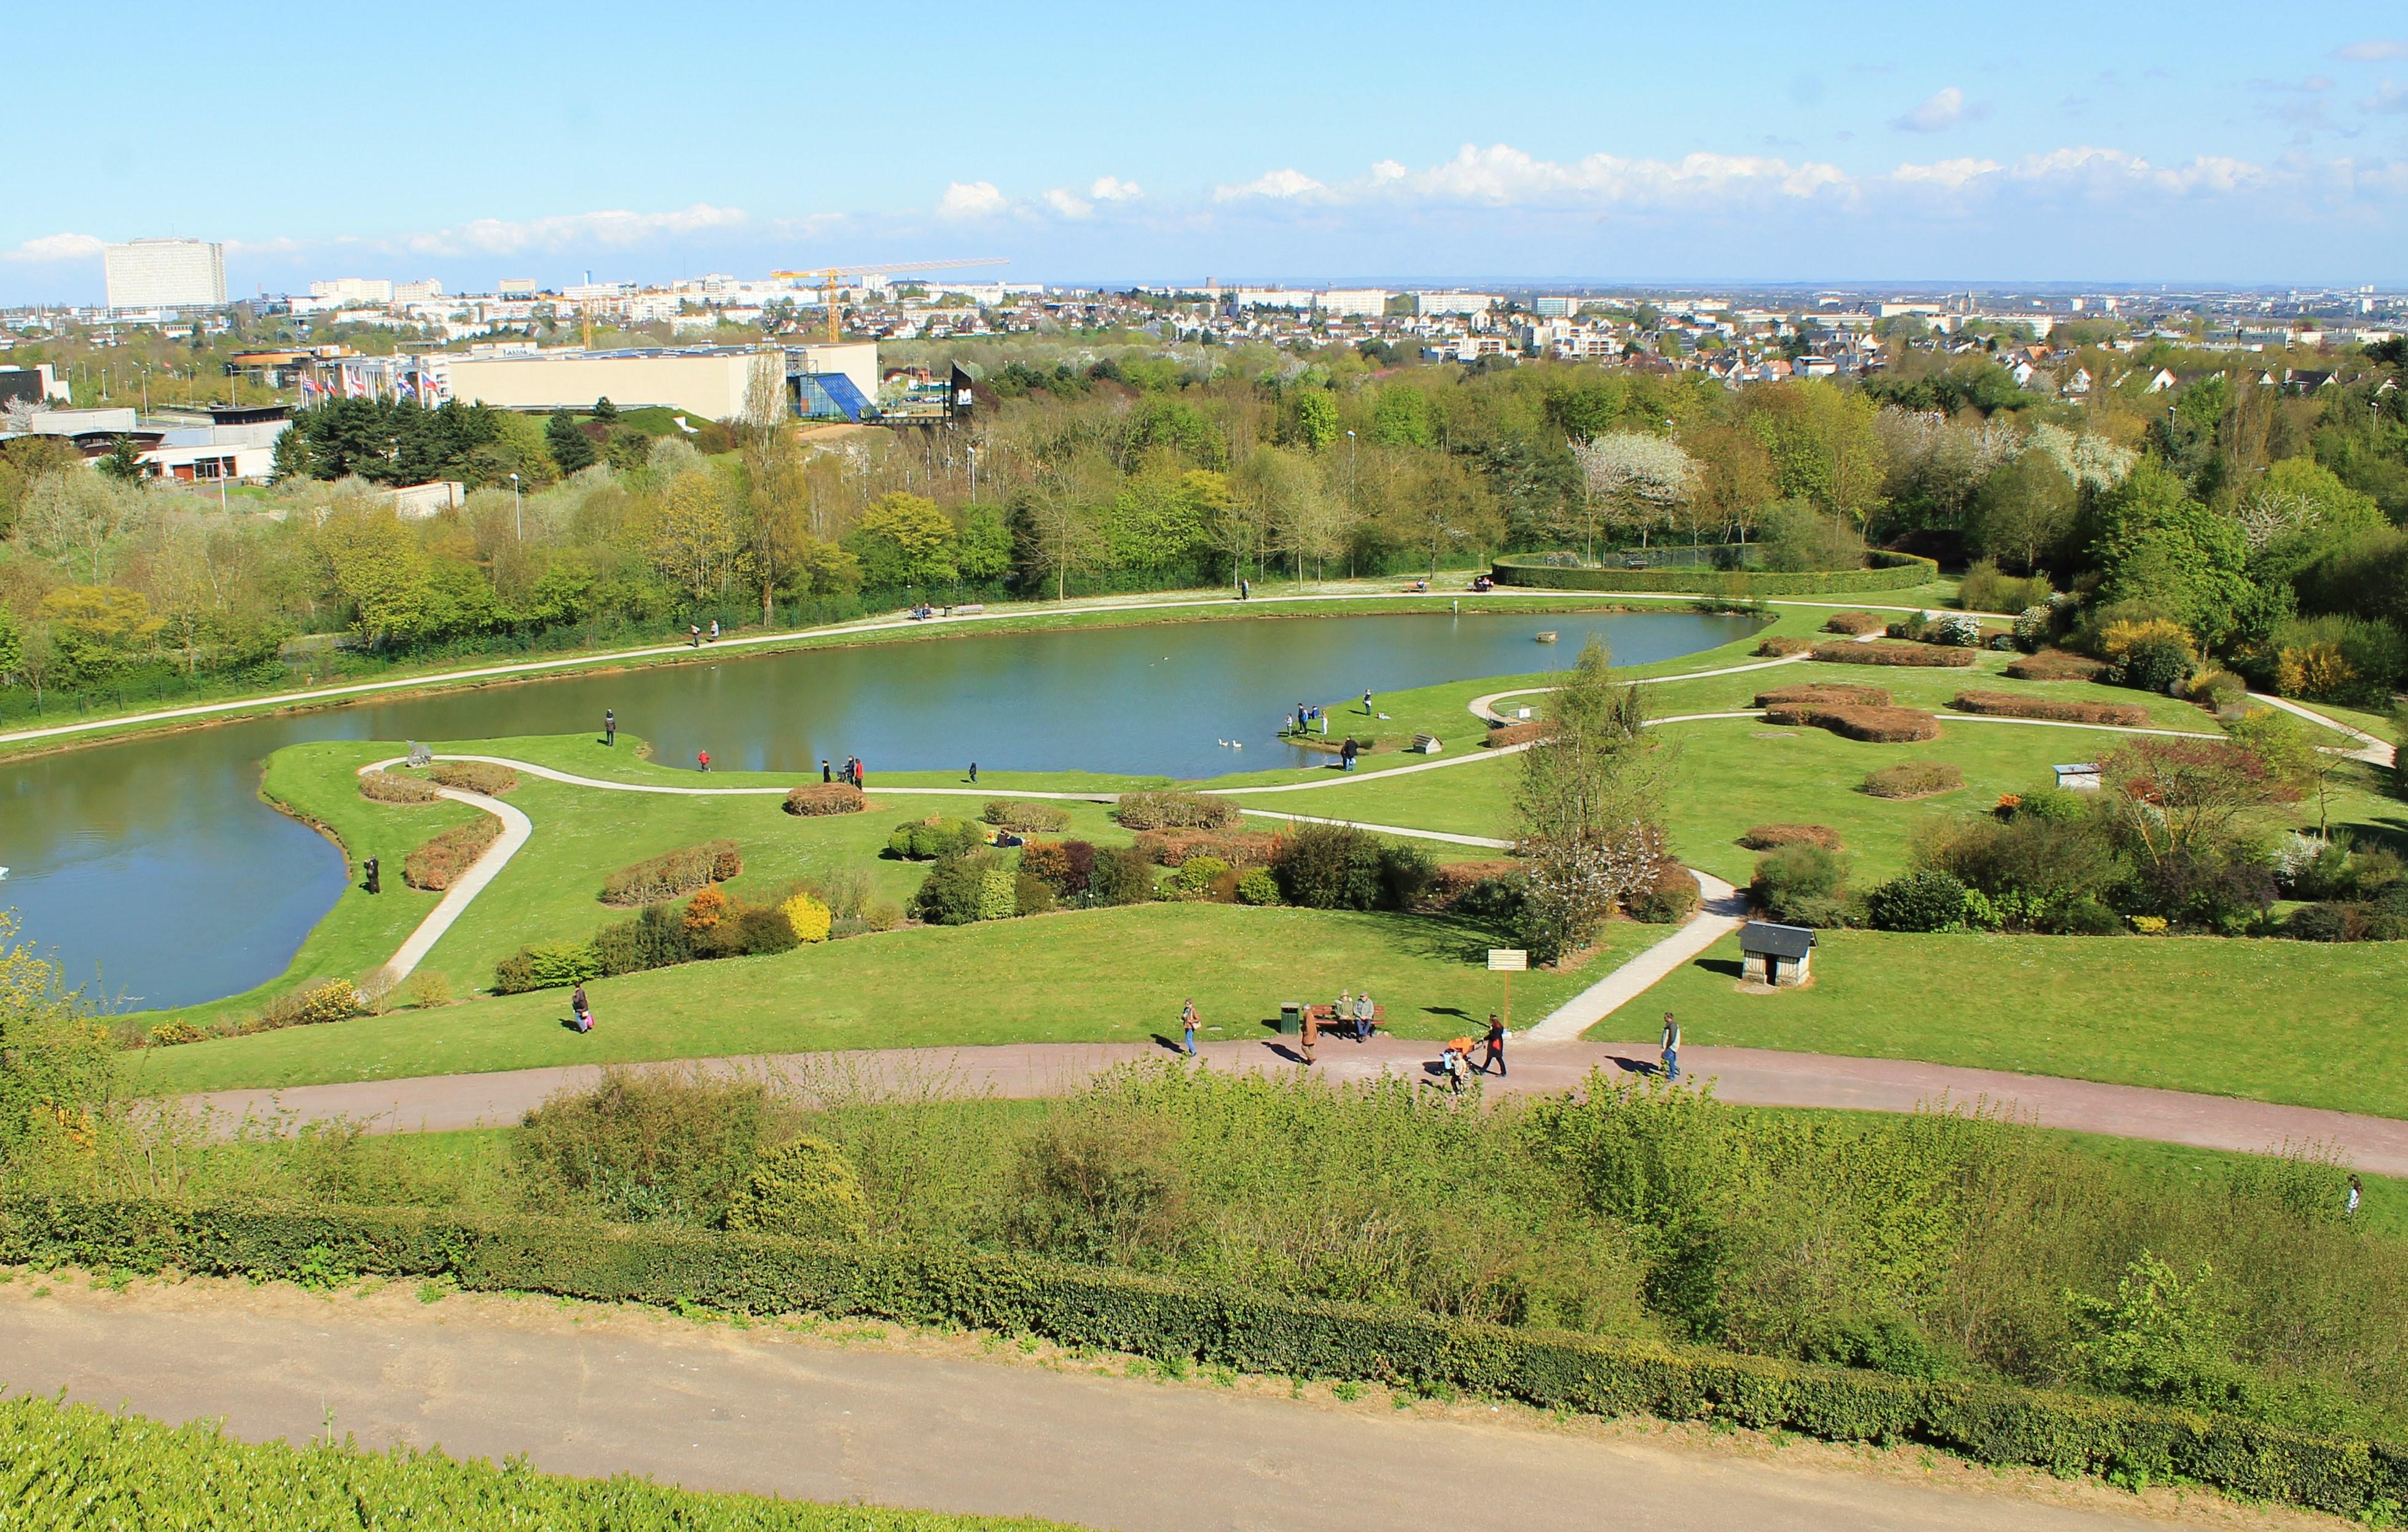 File caen colline aux oiseaux normandie miniature jpg - La colline aux oiseaux caen ...